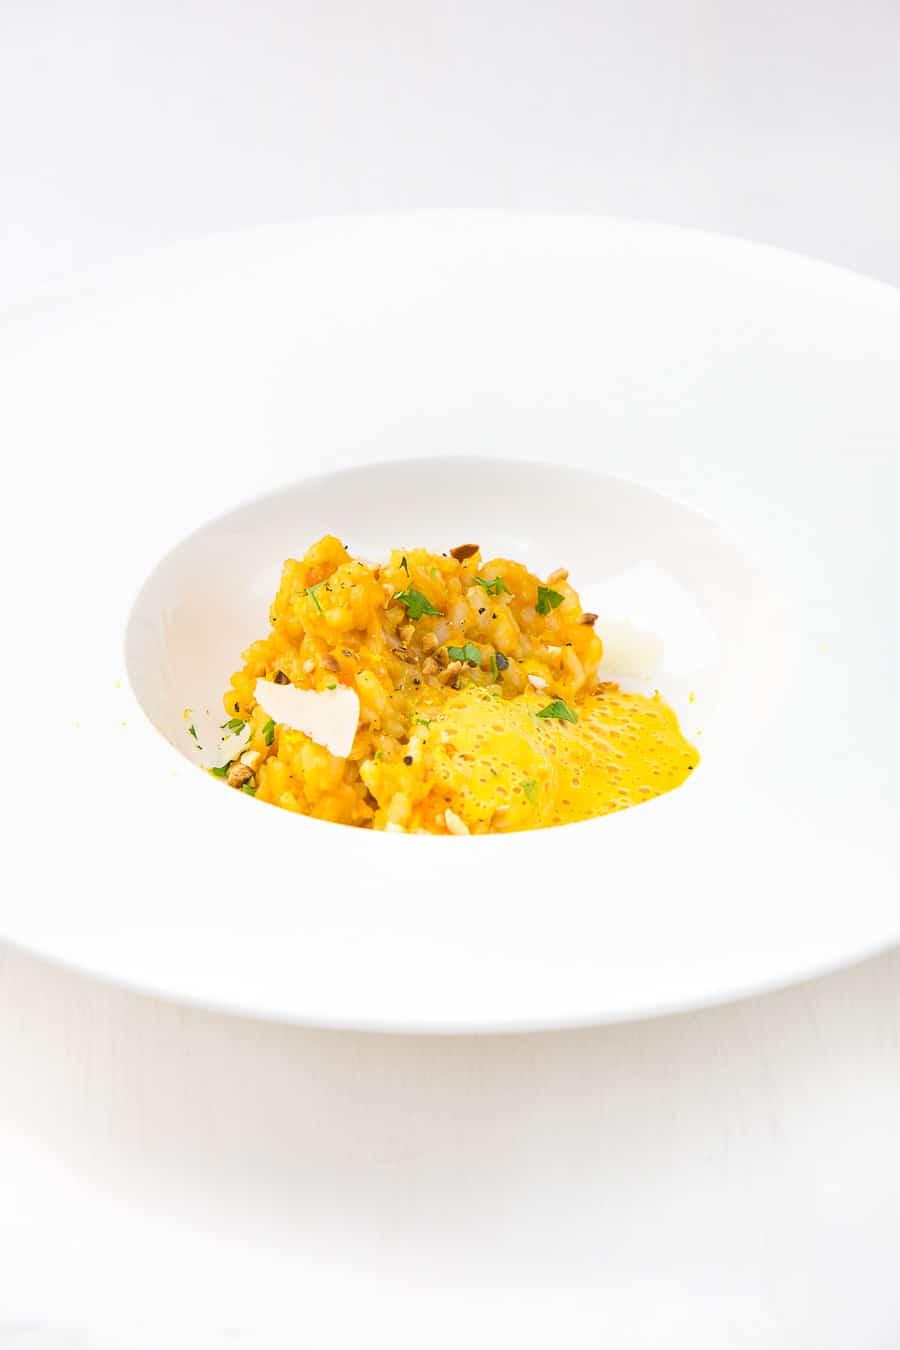 kuerbis-risotto-mit-curry-schaum-4